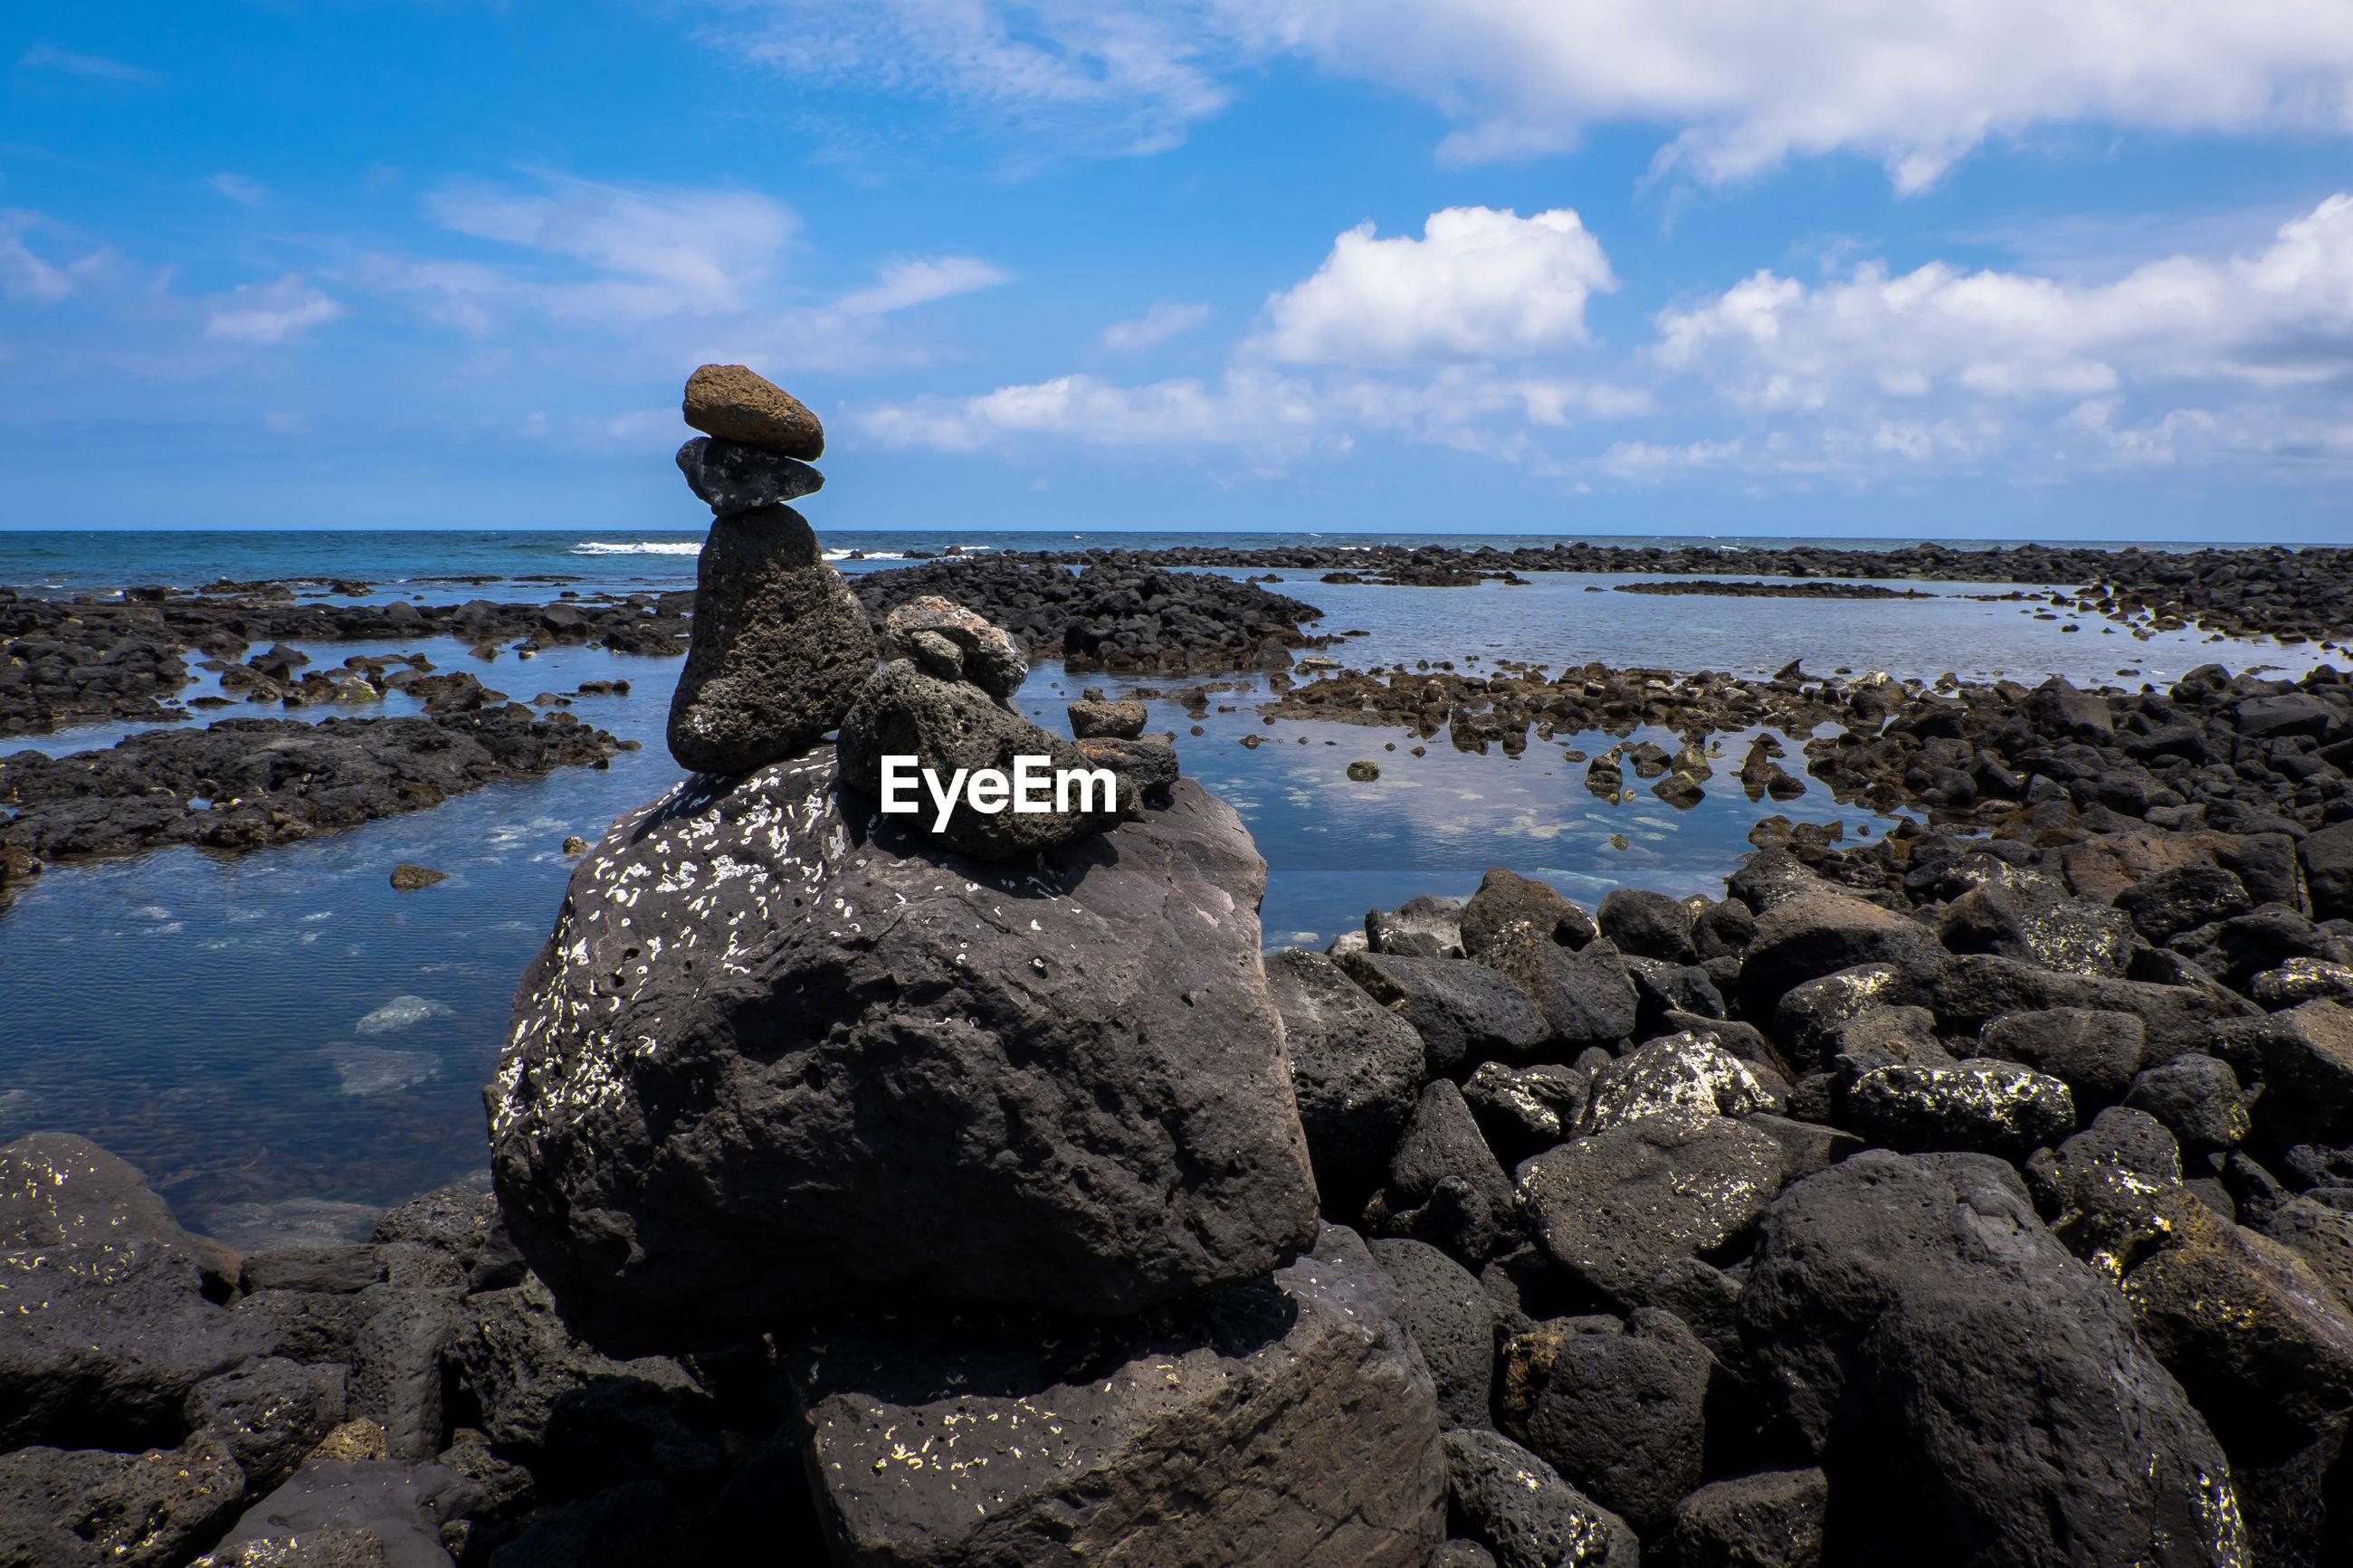 STONE ON BEACH AGAINST SKY